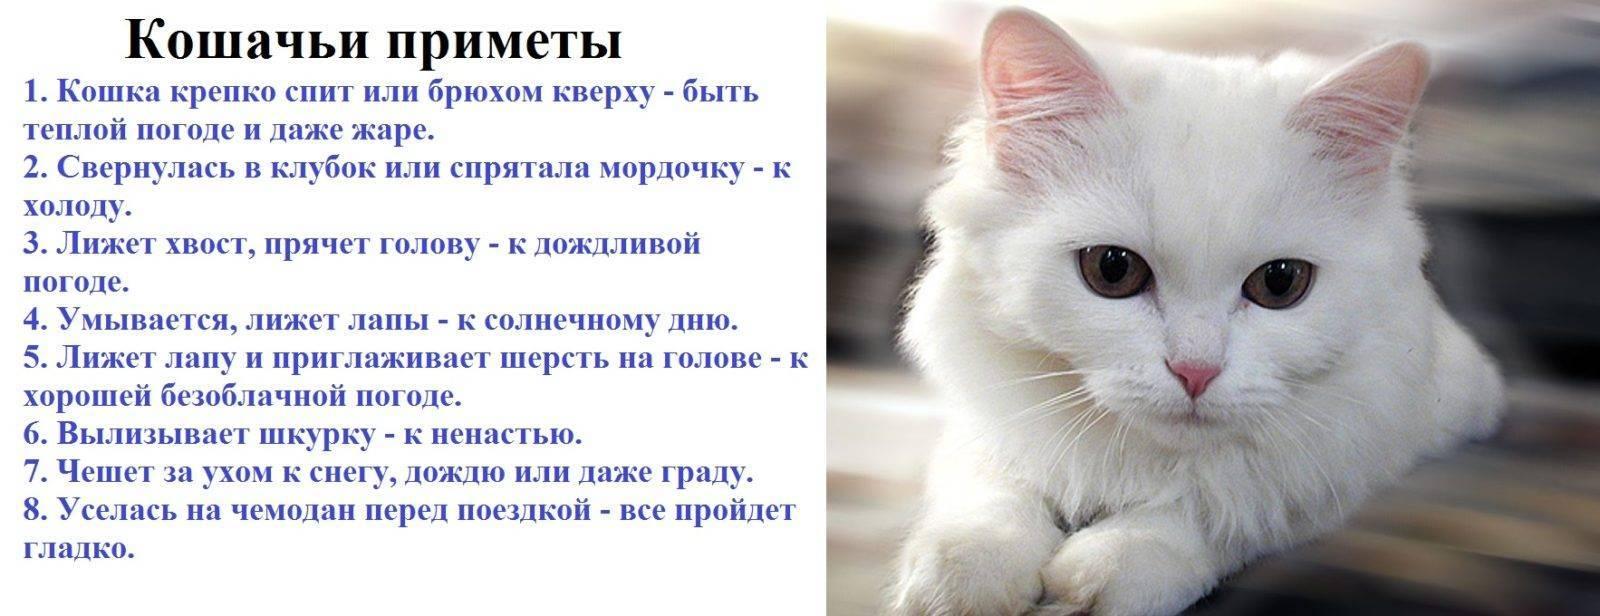 Как оставить котенка одного дома и можно ли?